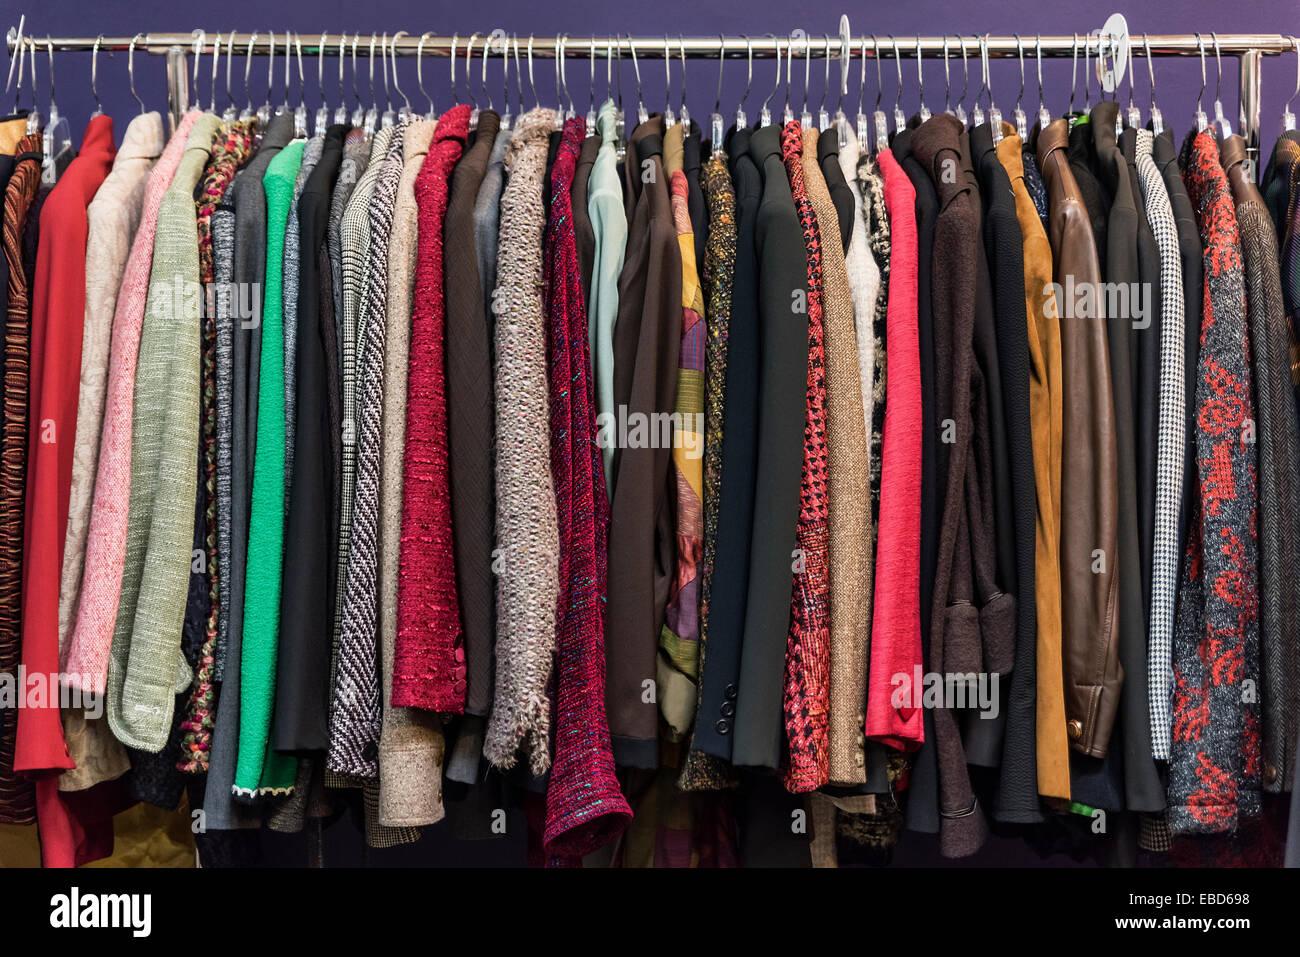 Chaqueta para mujer la selección en una tienda de ahorro. Imagen De Stock